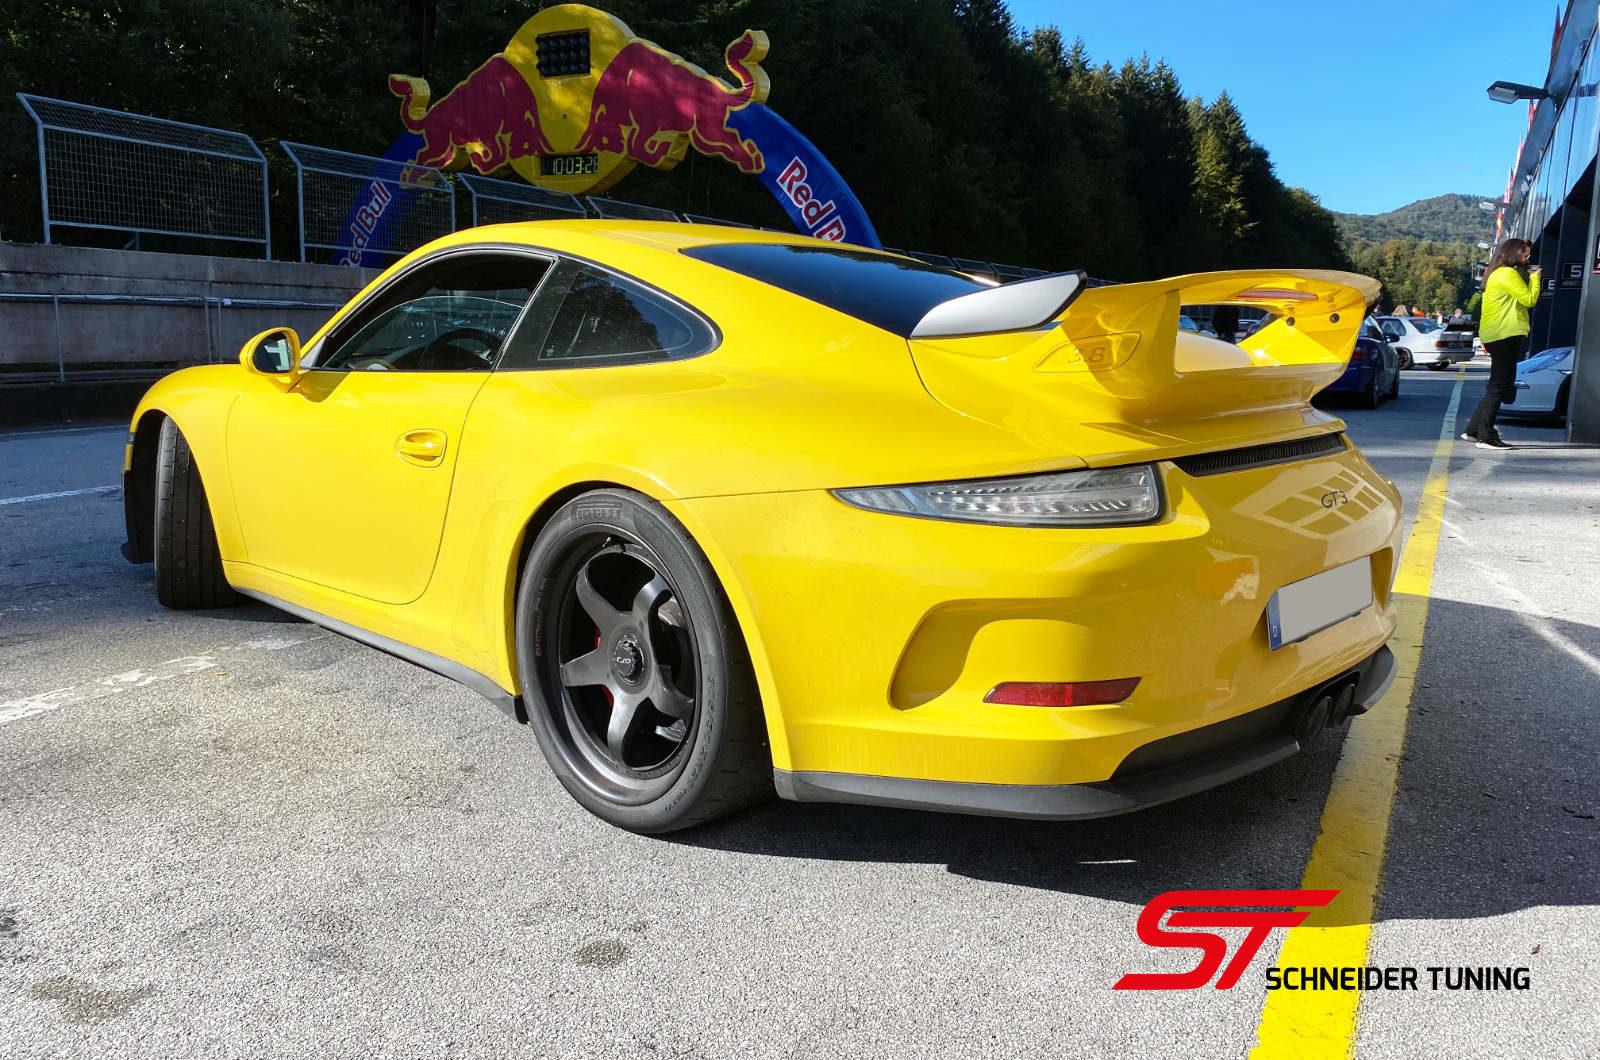 Schneider Tuning Porsche